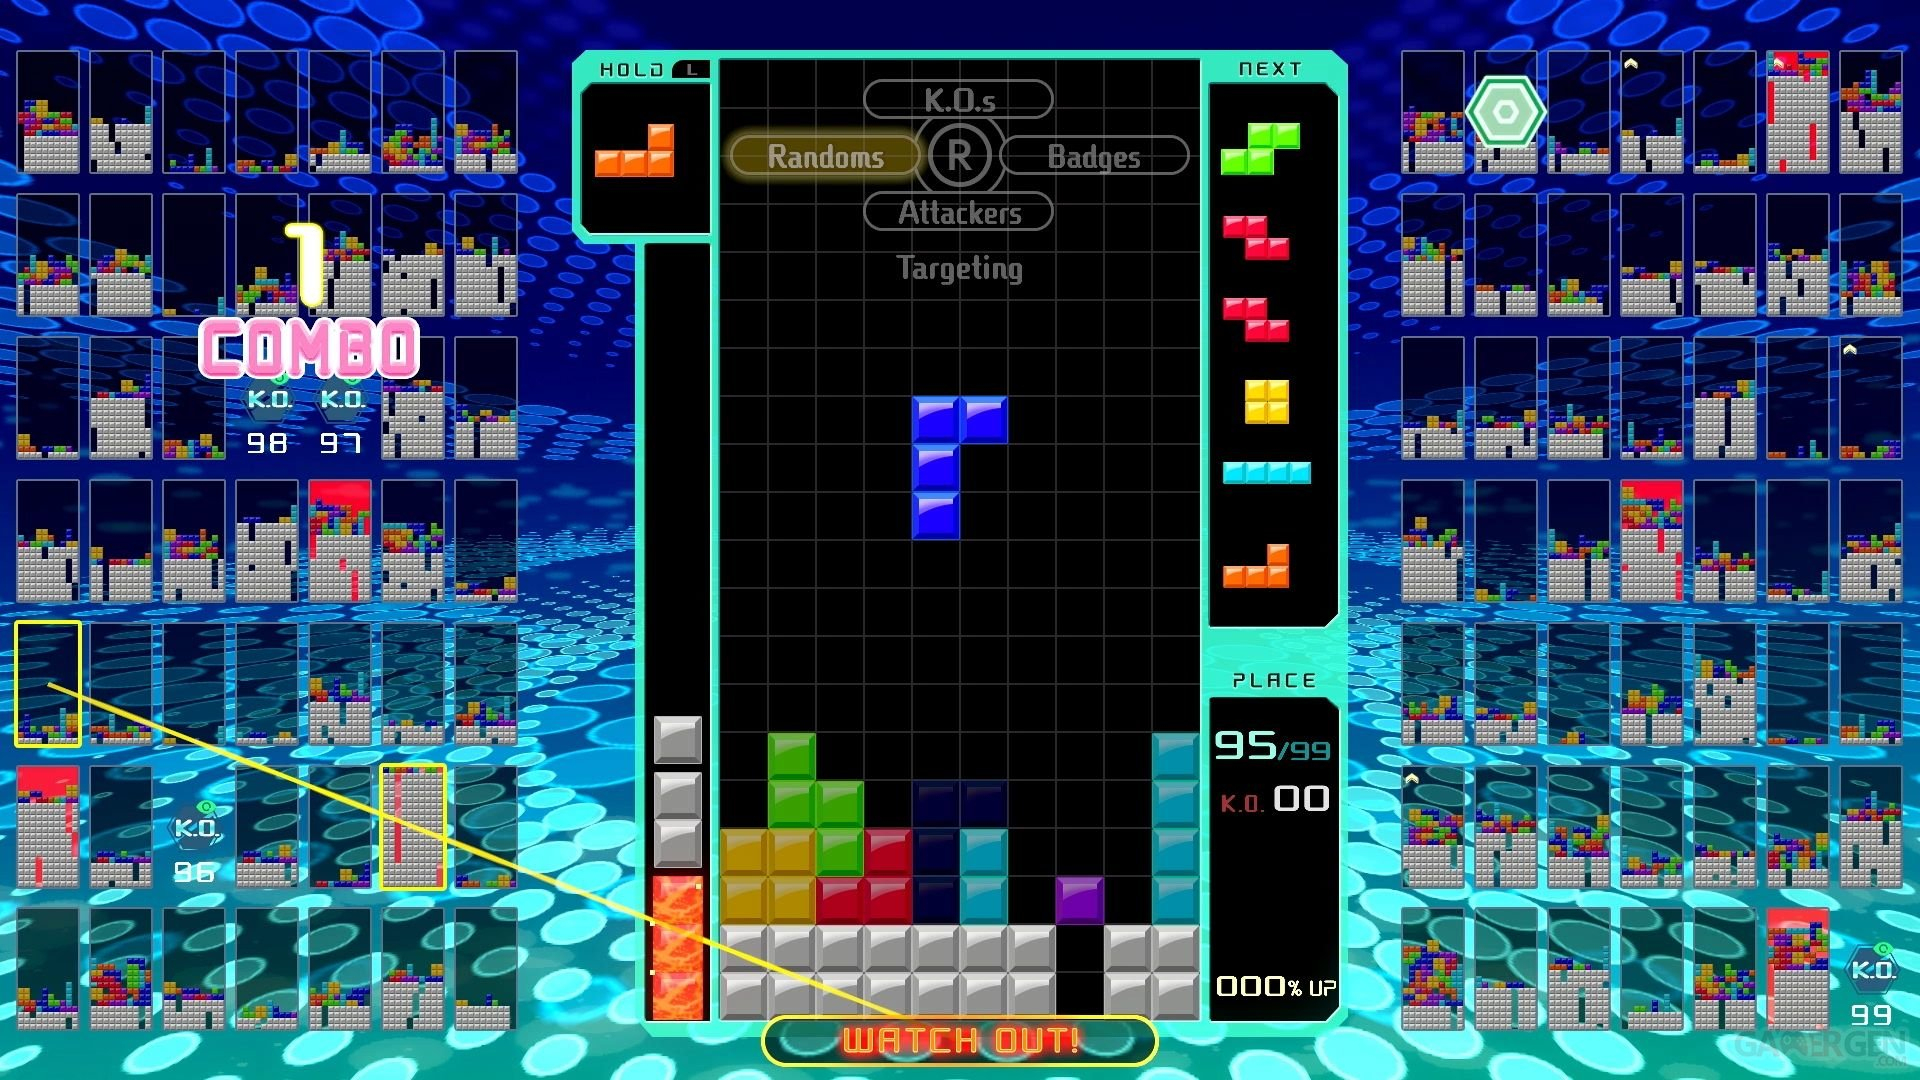 Test De Tetris 99 : Un Casse-Briques Battle Royale, Il Fallait Y Penser,  Nintendo L'a Fait dedans Jeux De Casse Brique Gratuit En Ligne